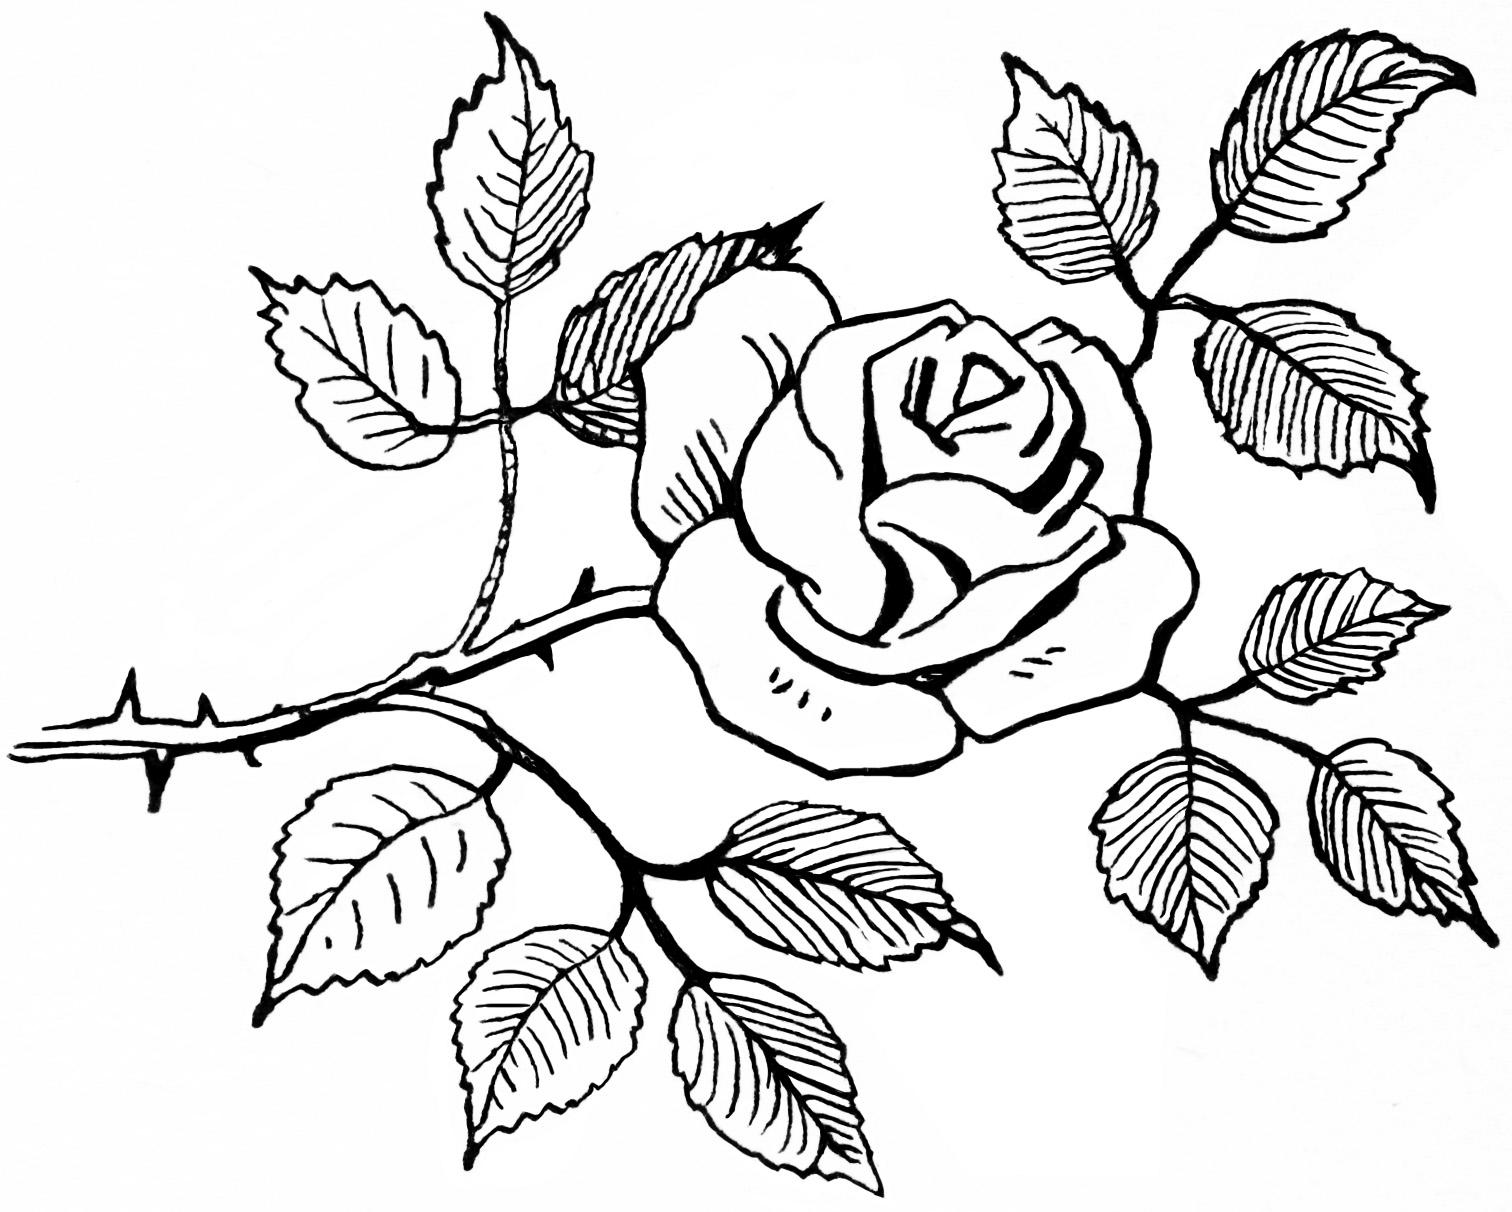 Knumathise rose images. Beauty clipart black and white